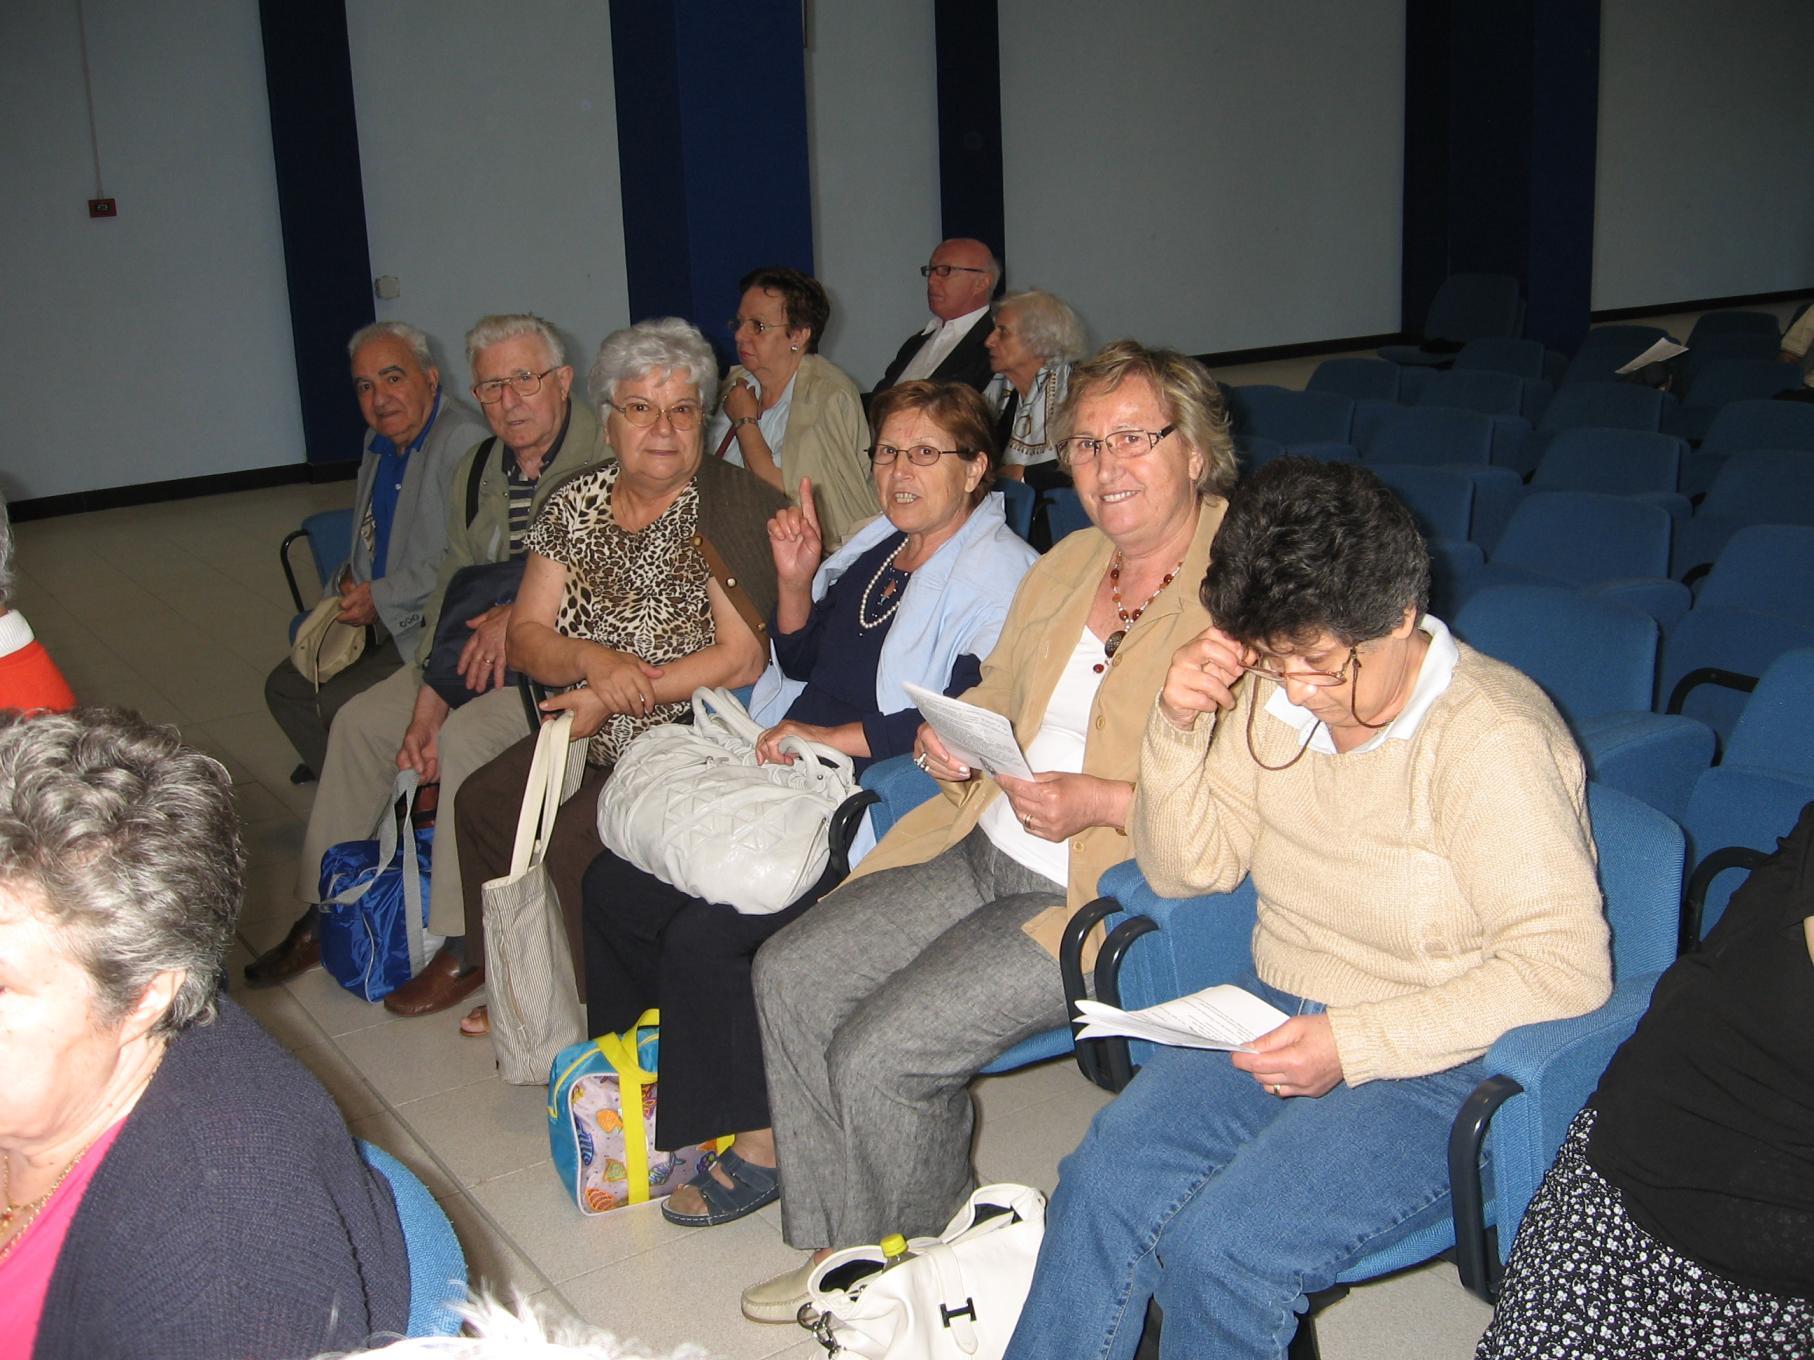 Pellegrinaggio_Vicariale_Guardia-2009-06-20--11.45.57